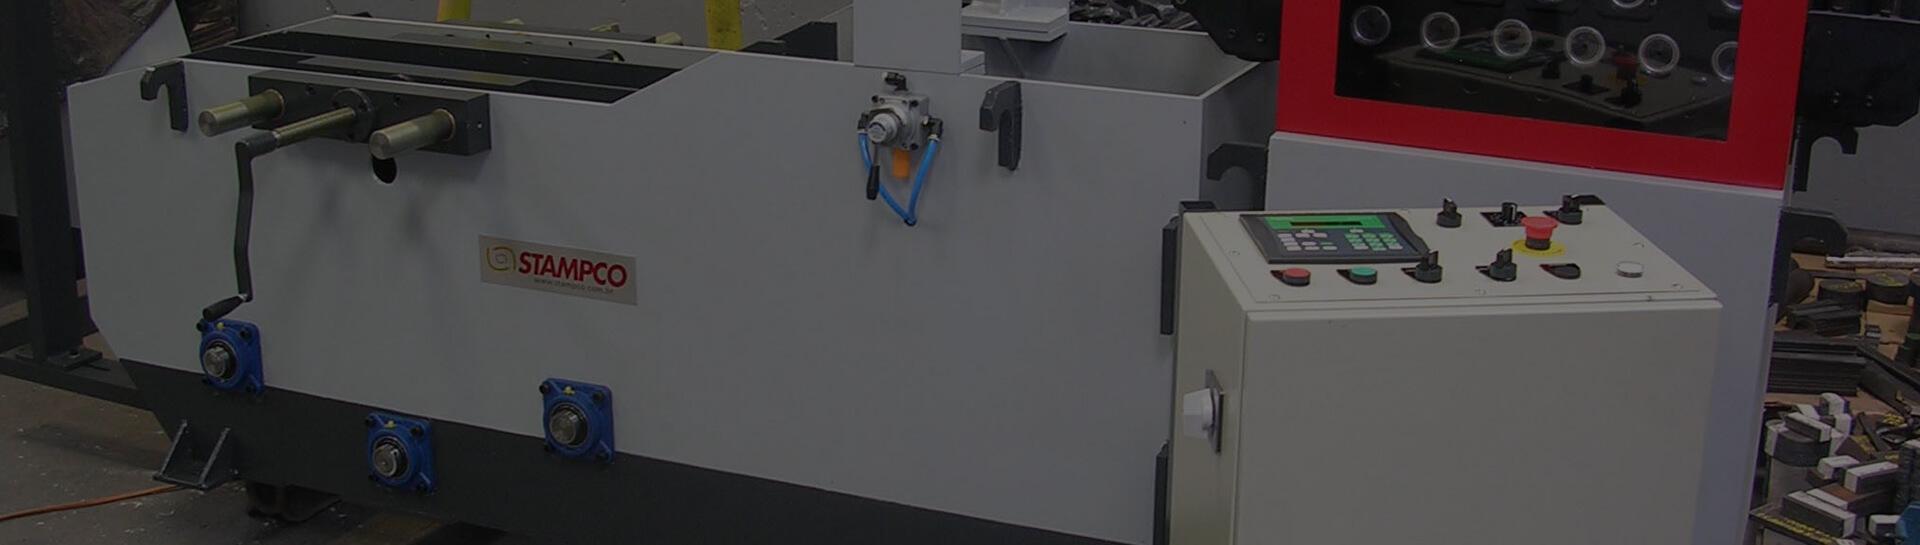 Stampco Automação em Prensas